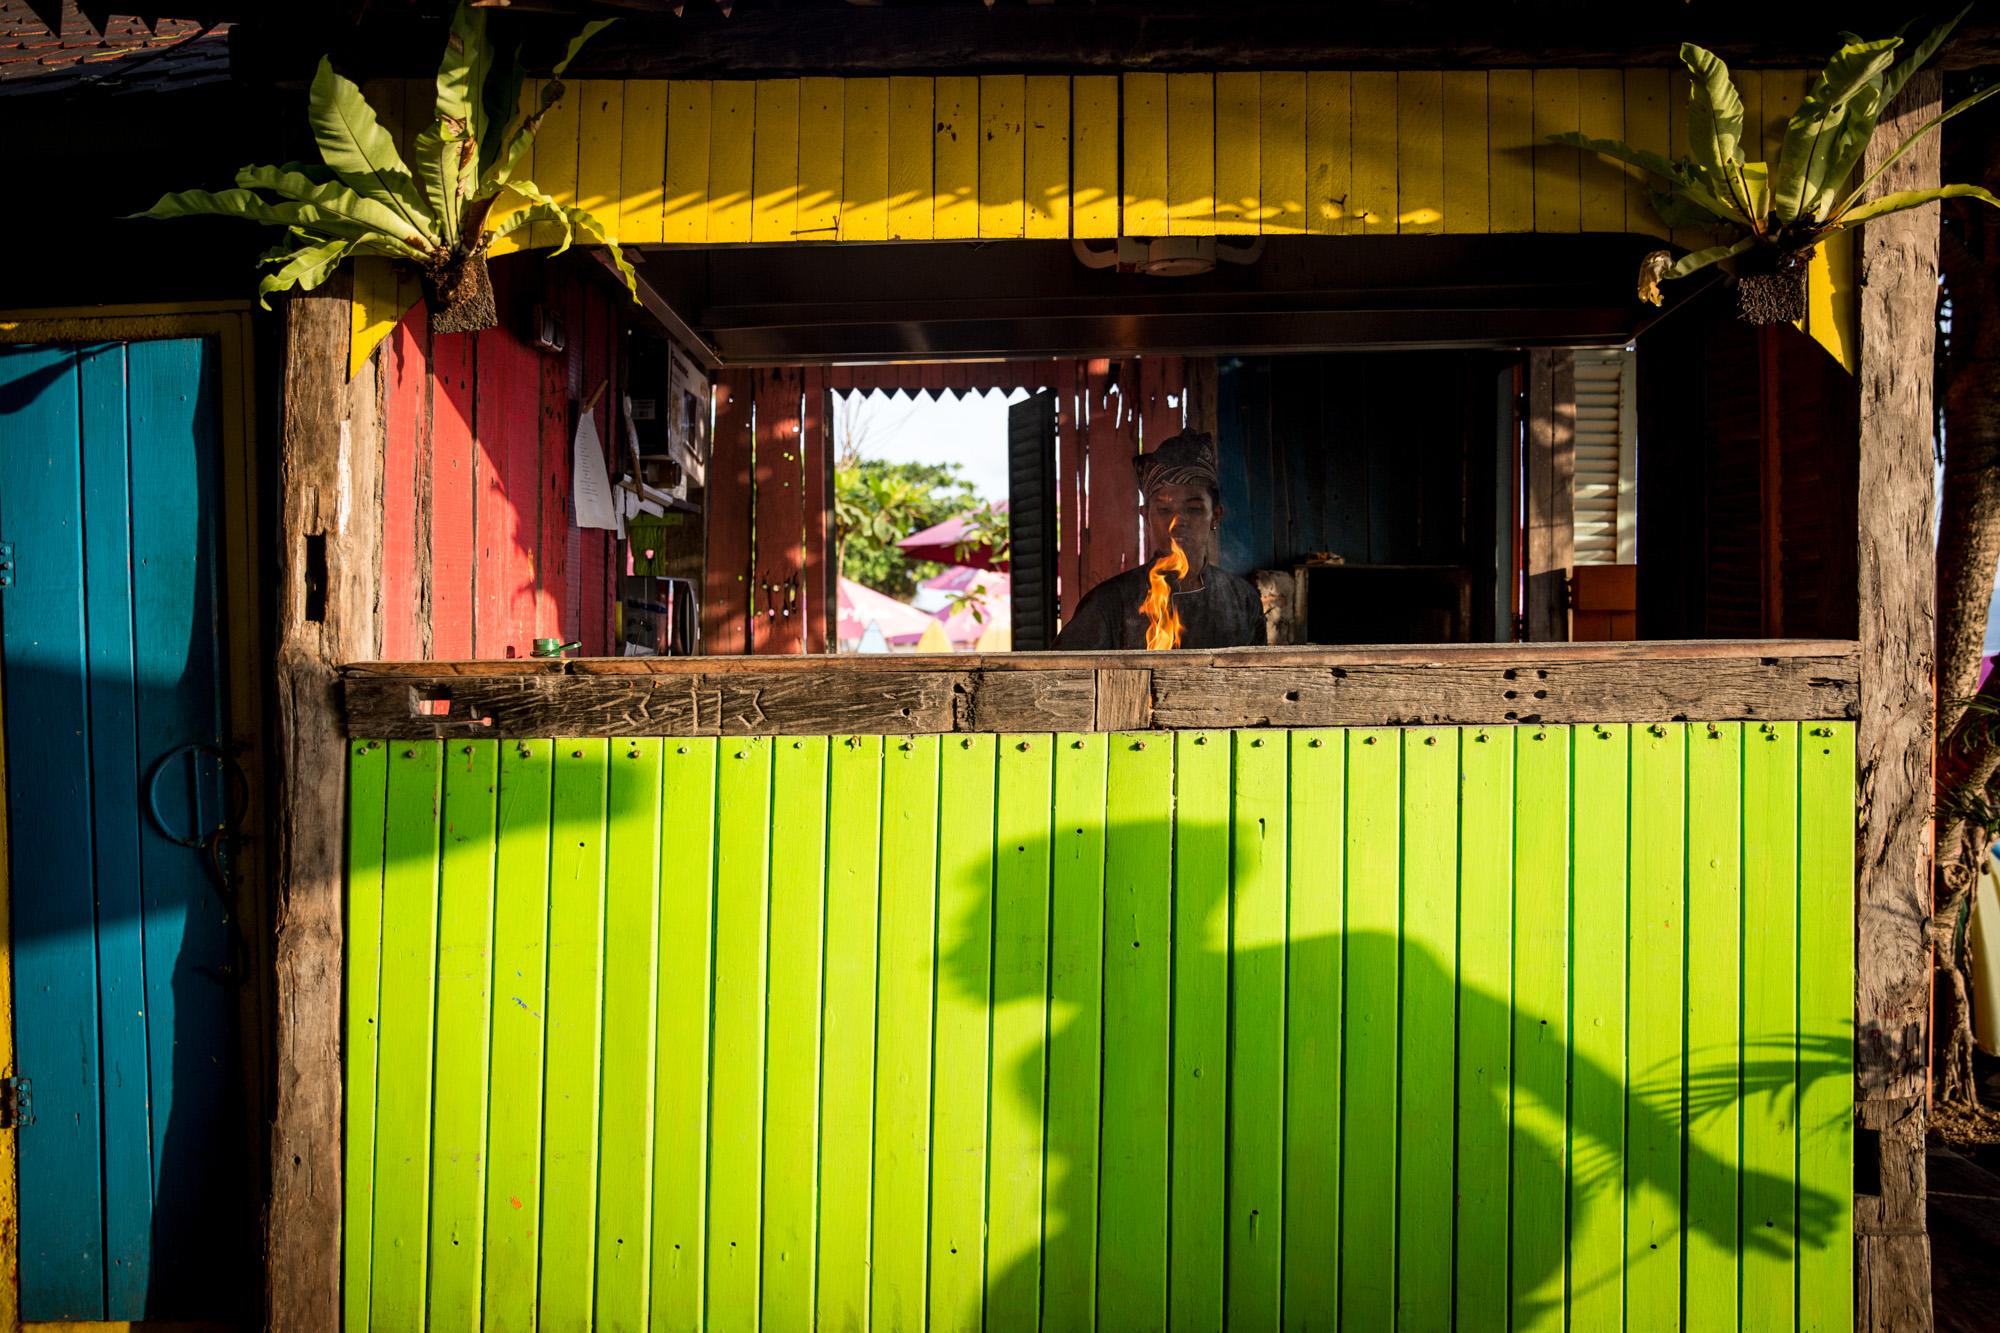 AGP_Bali_007.jpg